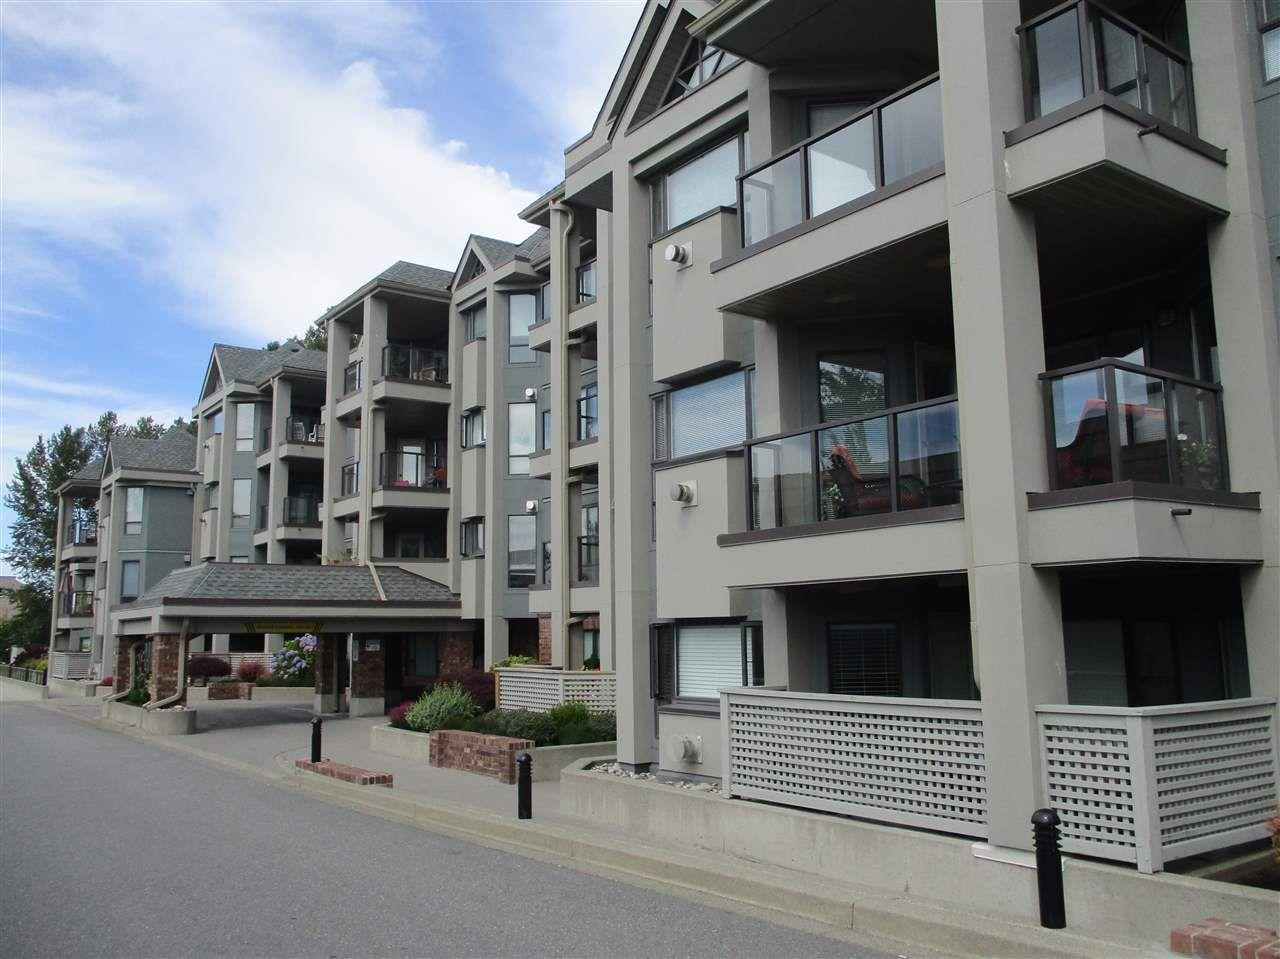 Photo 2: Photos: 106 15241 18 AVENUE in Surrey: King George Corridor Condo for sale (South Surrey White Rock)  : MLS®# R2190046